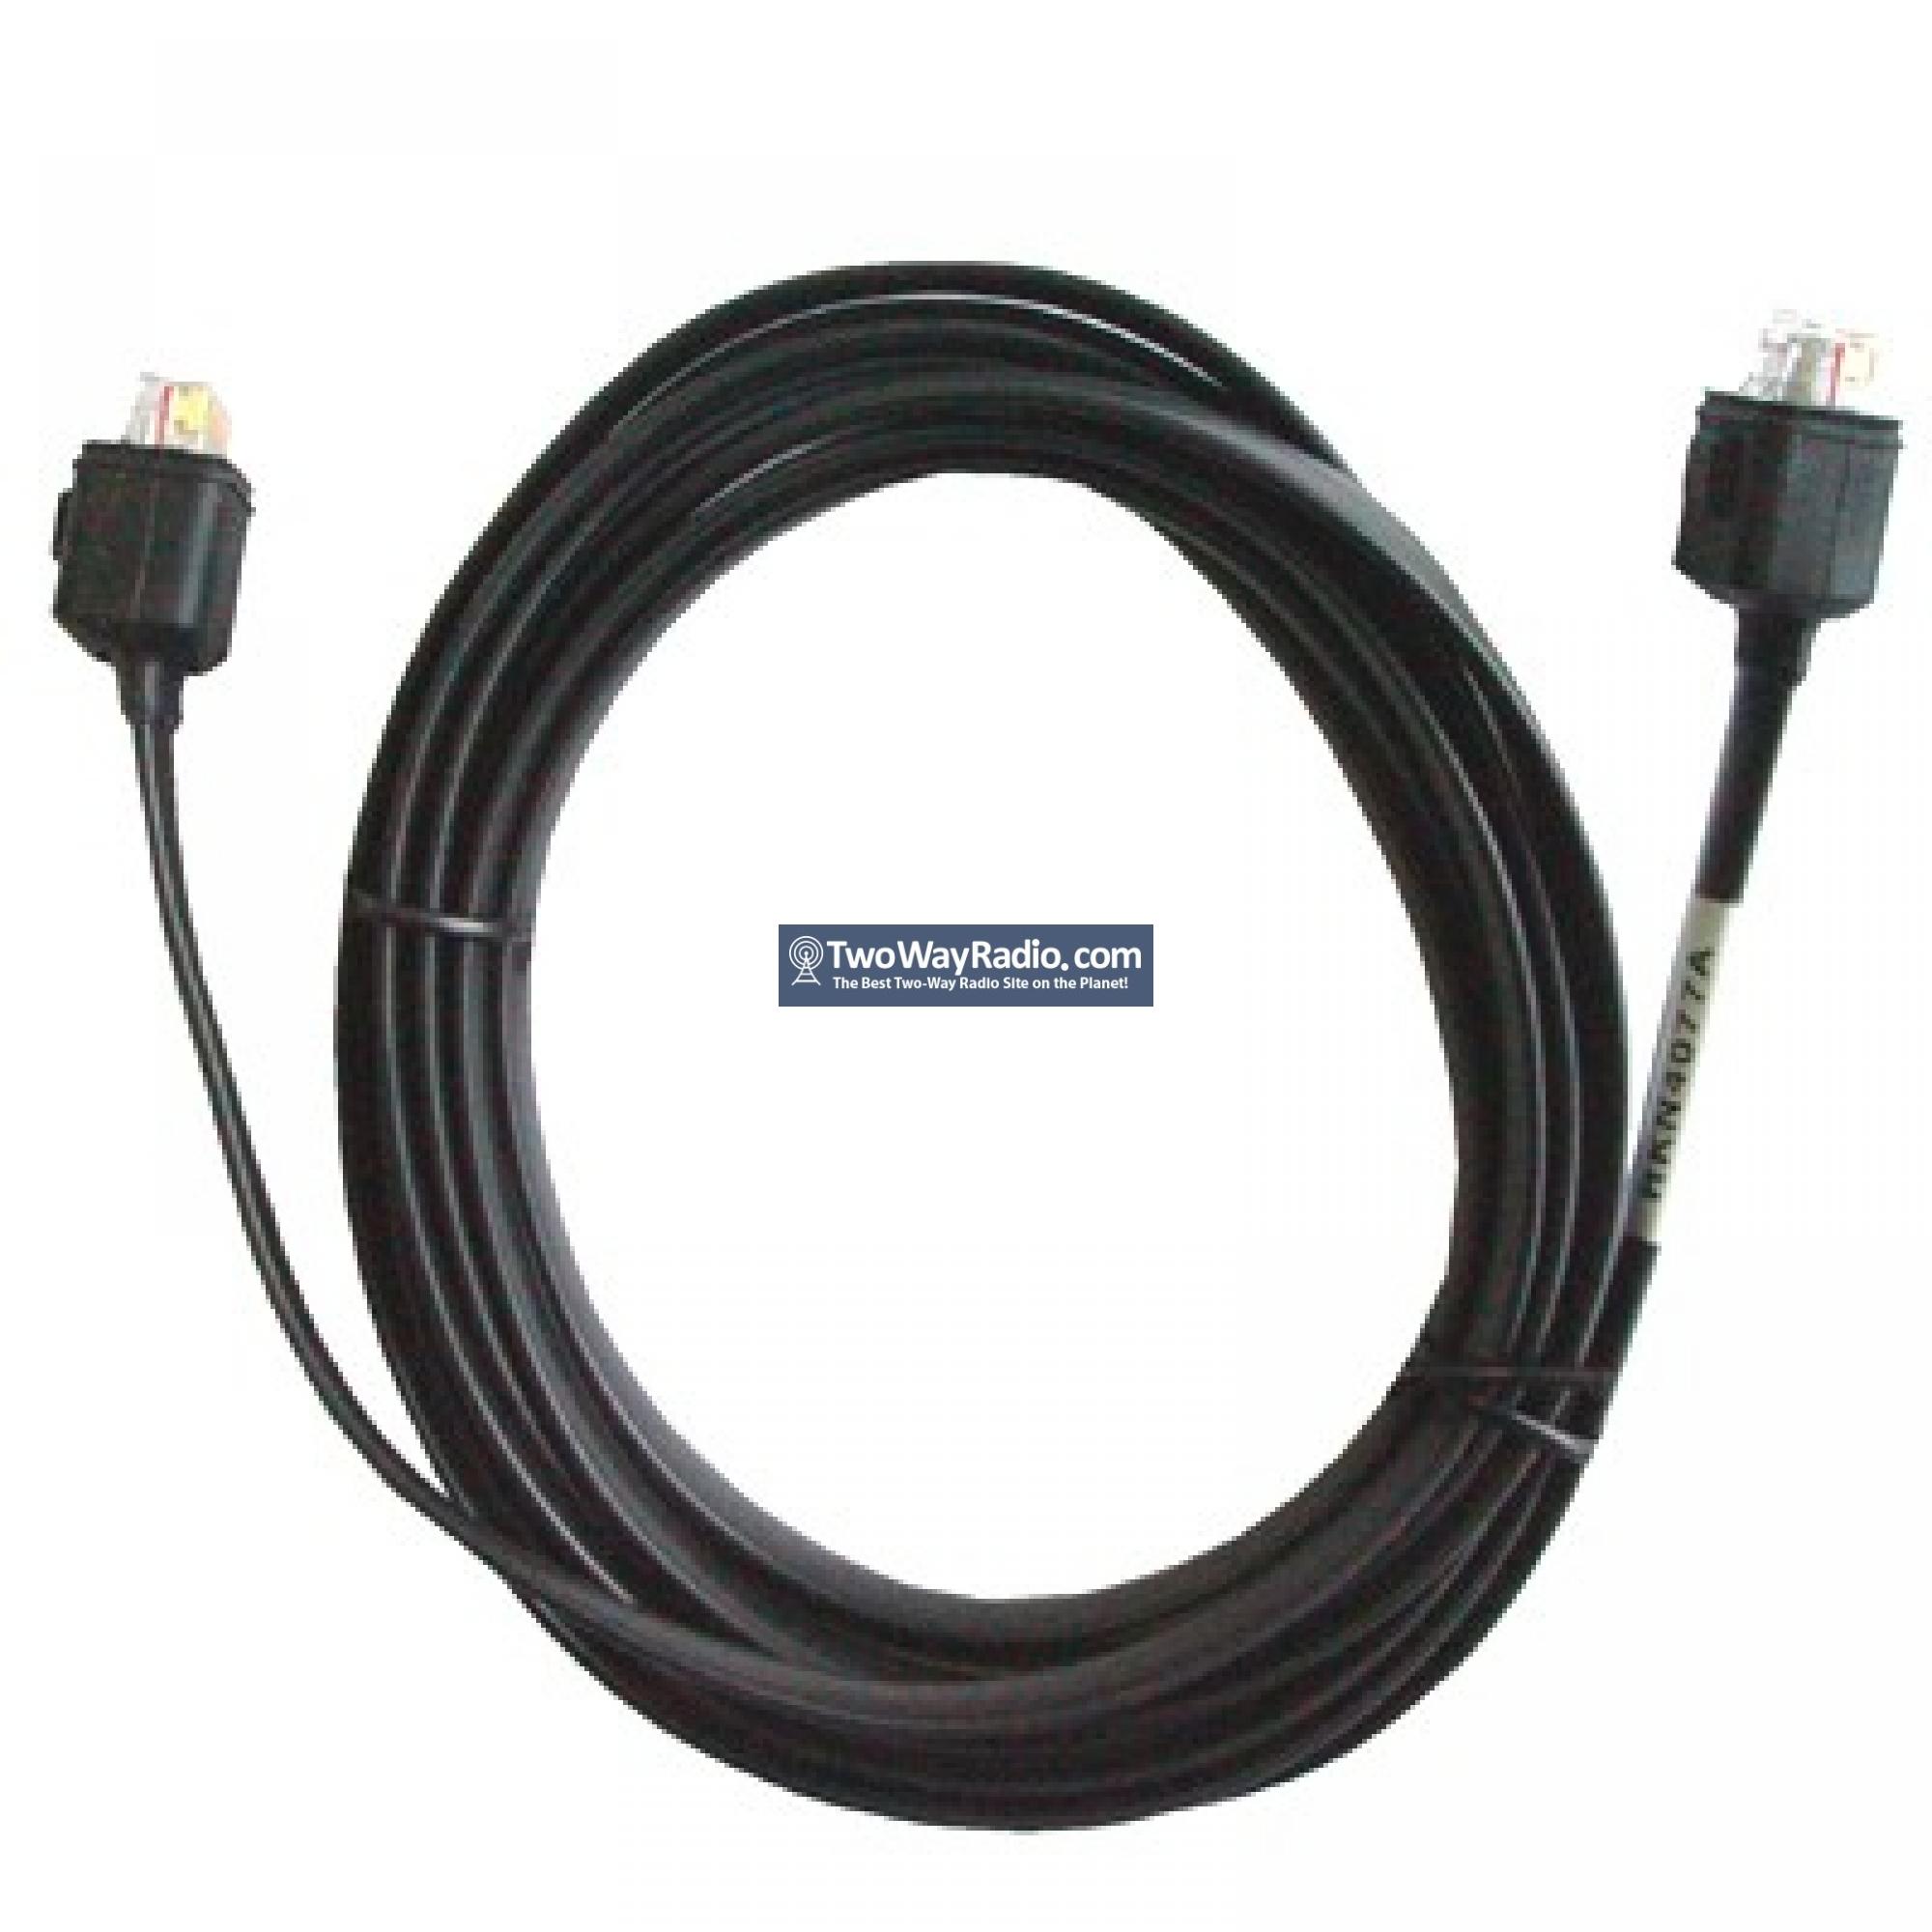 Buy Here   Motorola RKN4077 Remote Mounting Cable   3 Meters